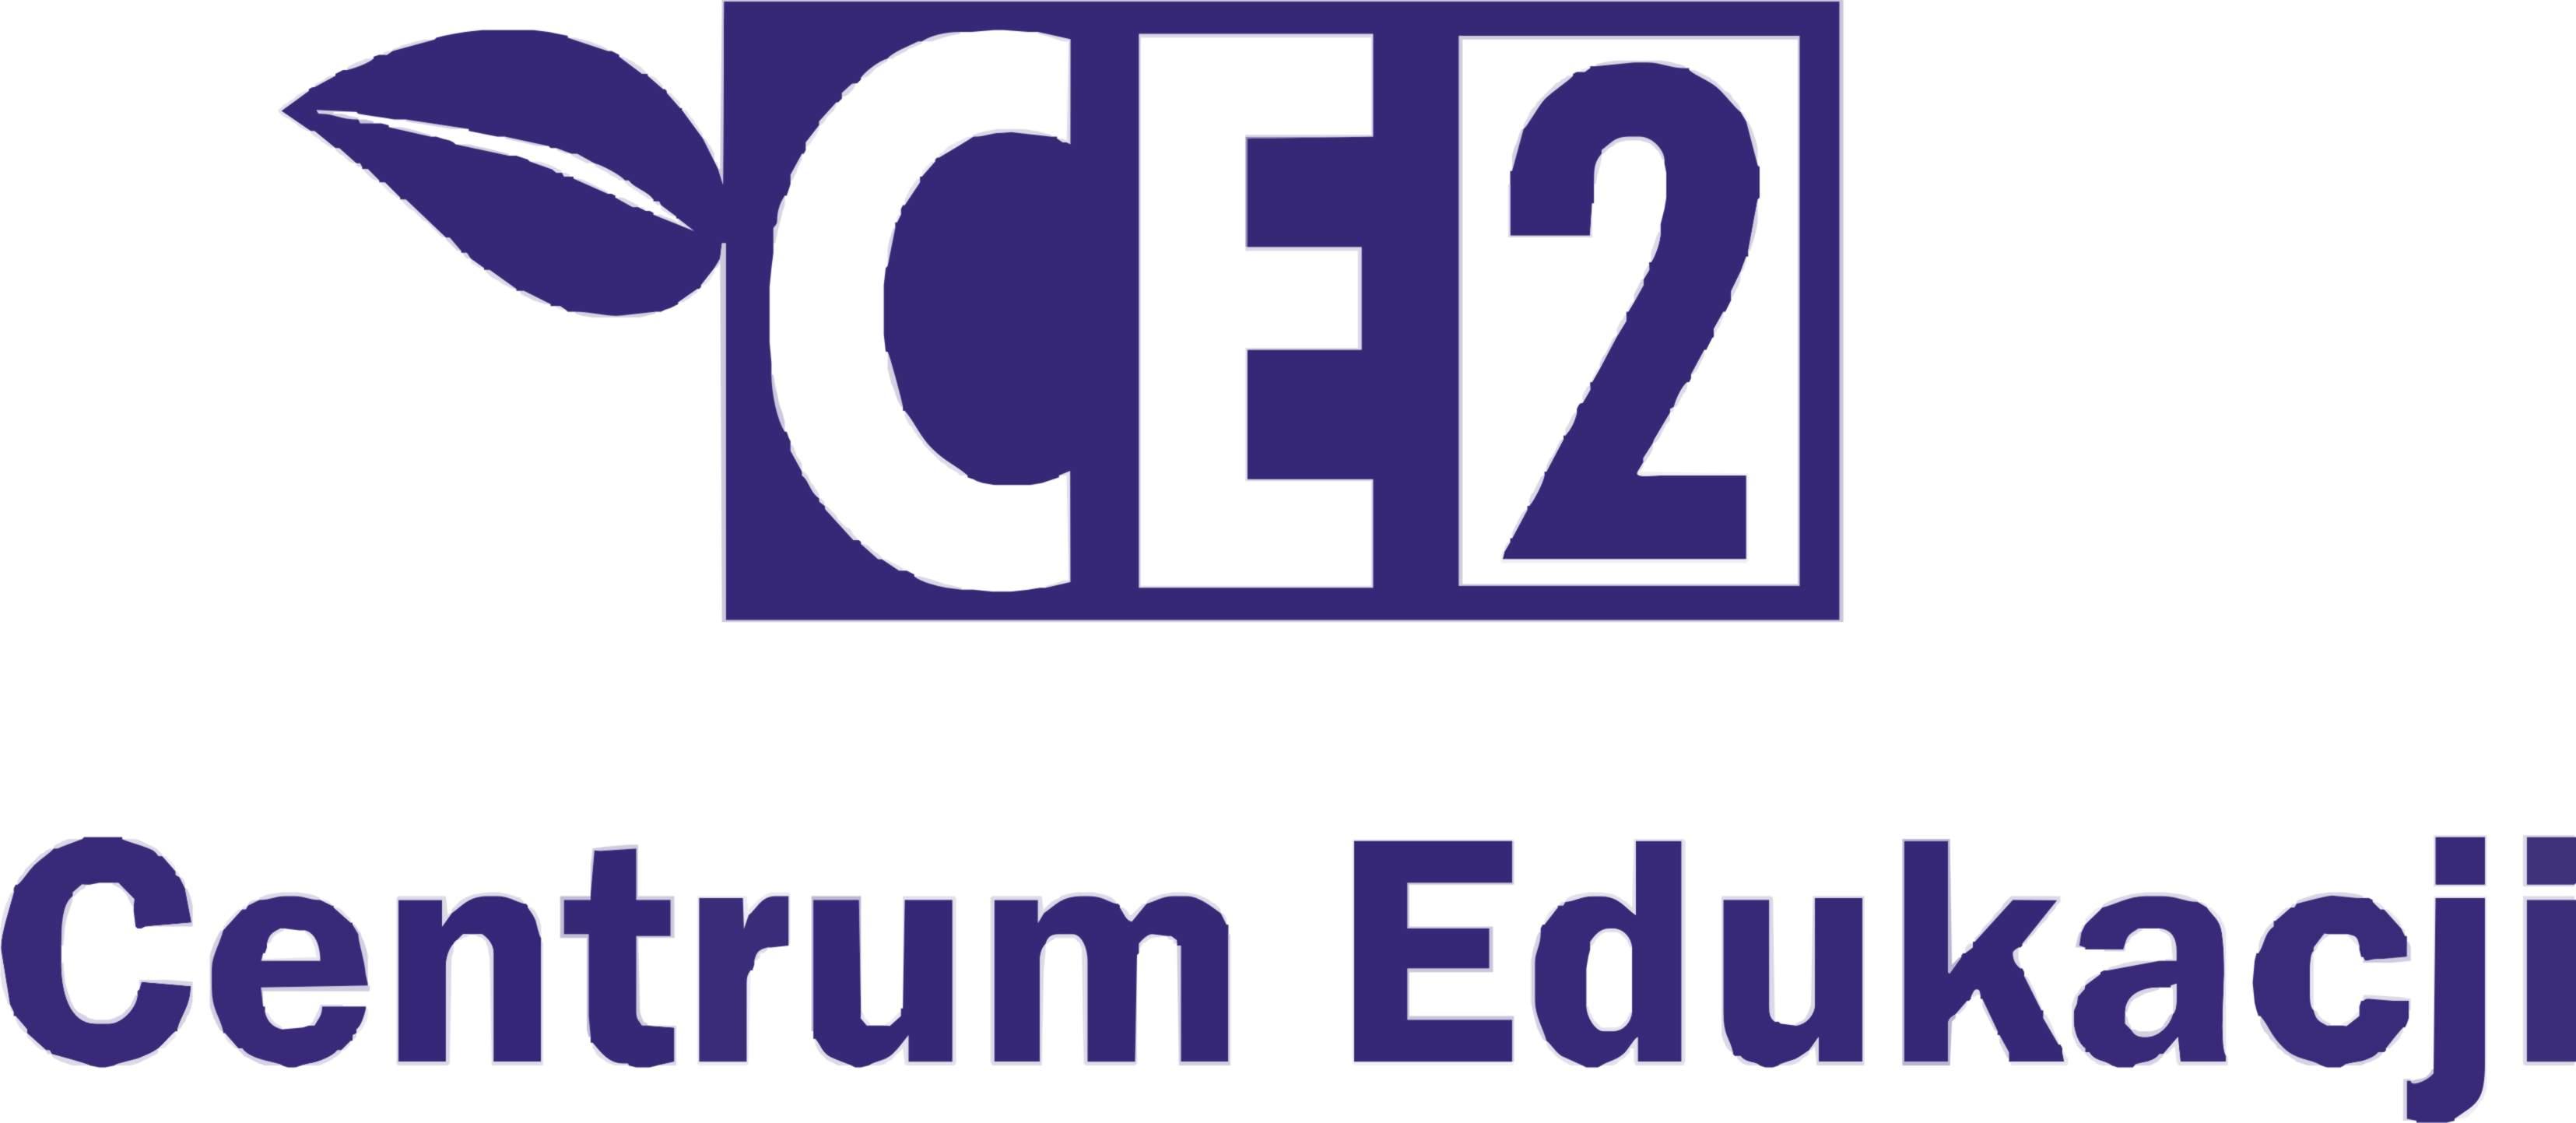 Logo CE2 Centrum Edukacji M. Dziewa E. Tarnas - Szwed Sp. j.